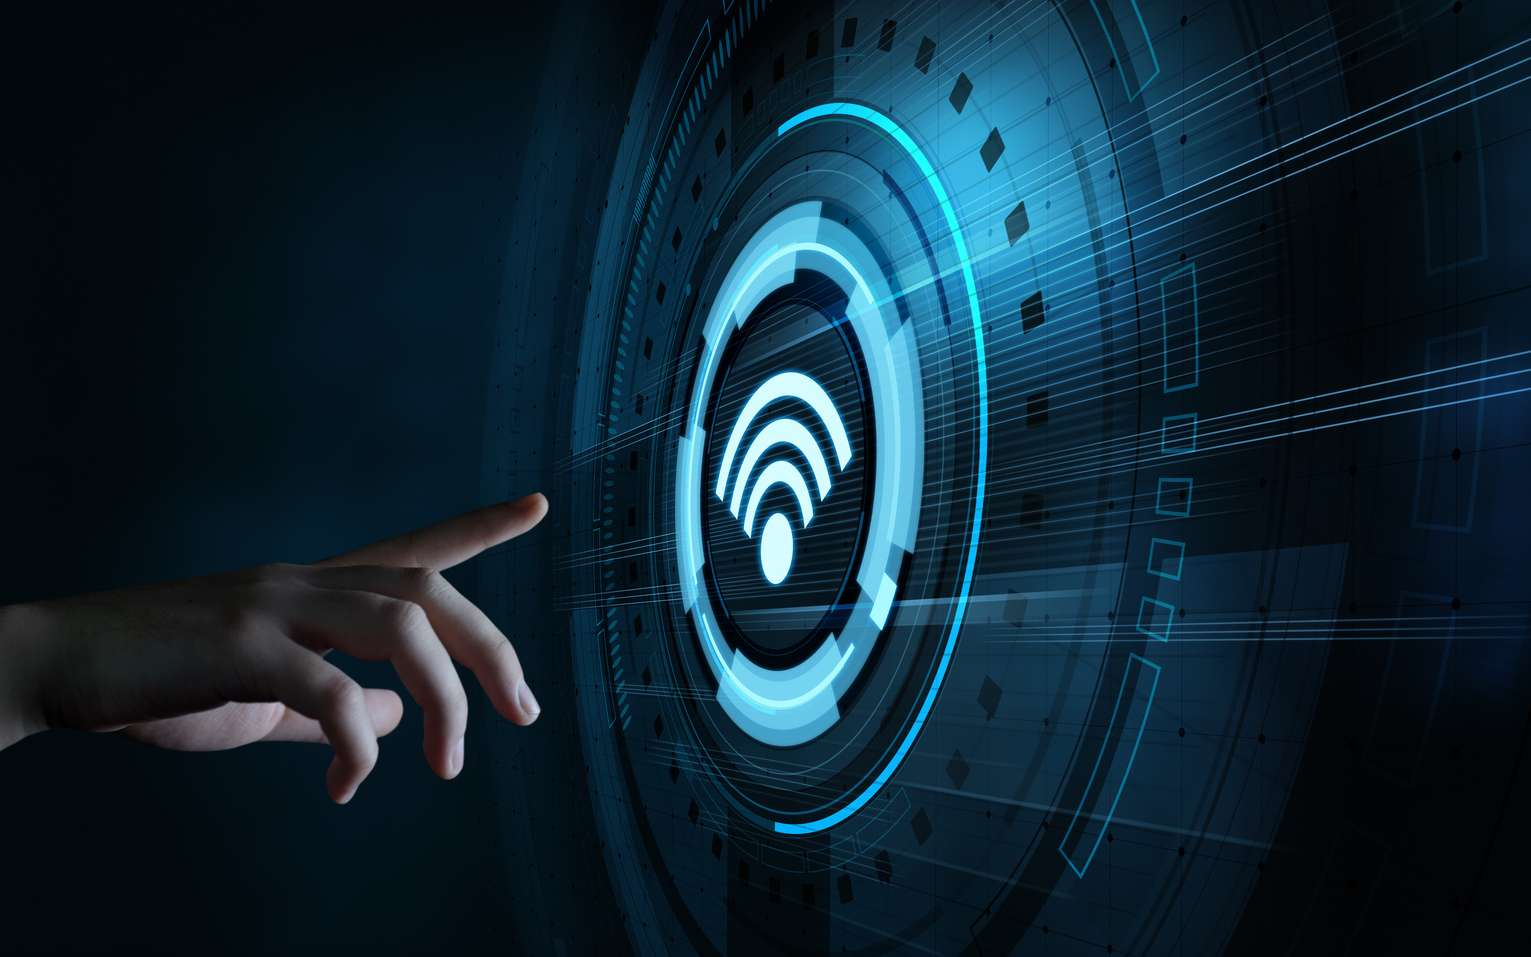 Une simple mise à jour logicielle pourrait permettre d'améliorer la portée du Wi-Fi. © Sikov, Fotolia